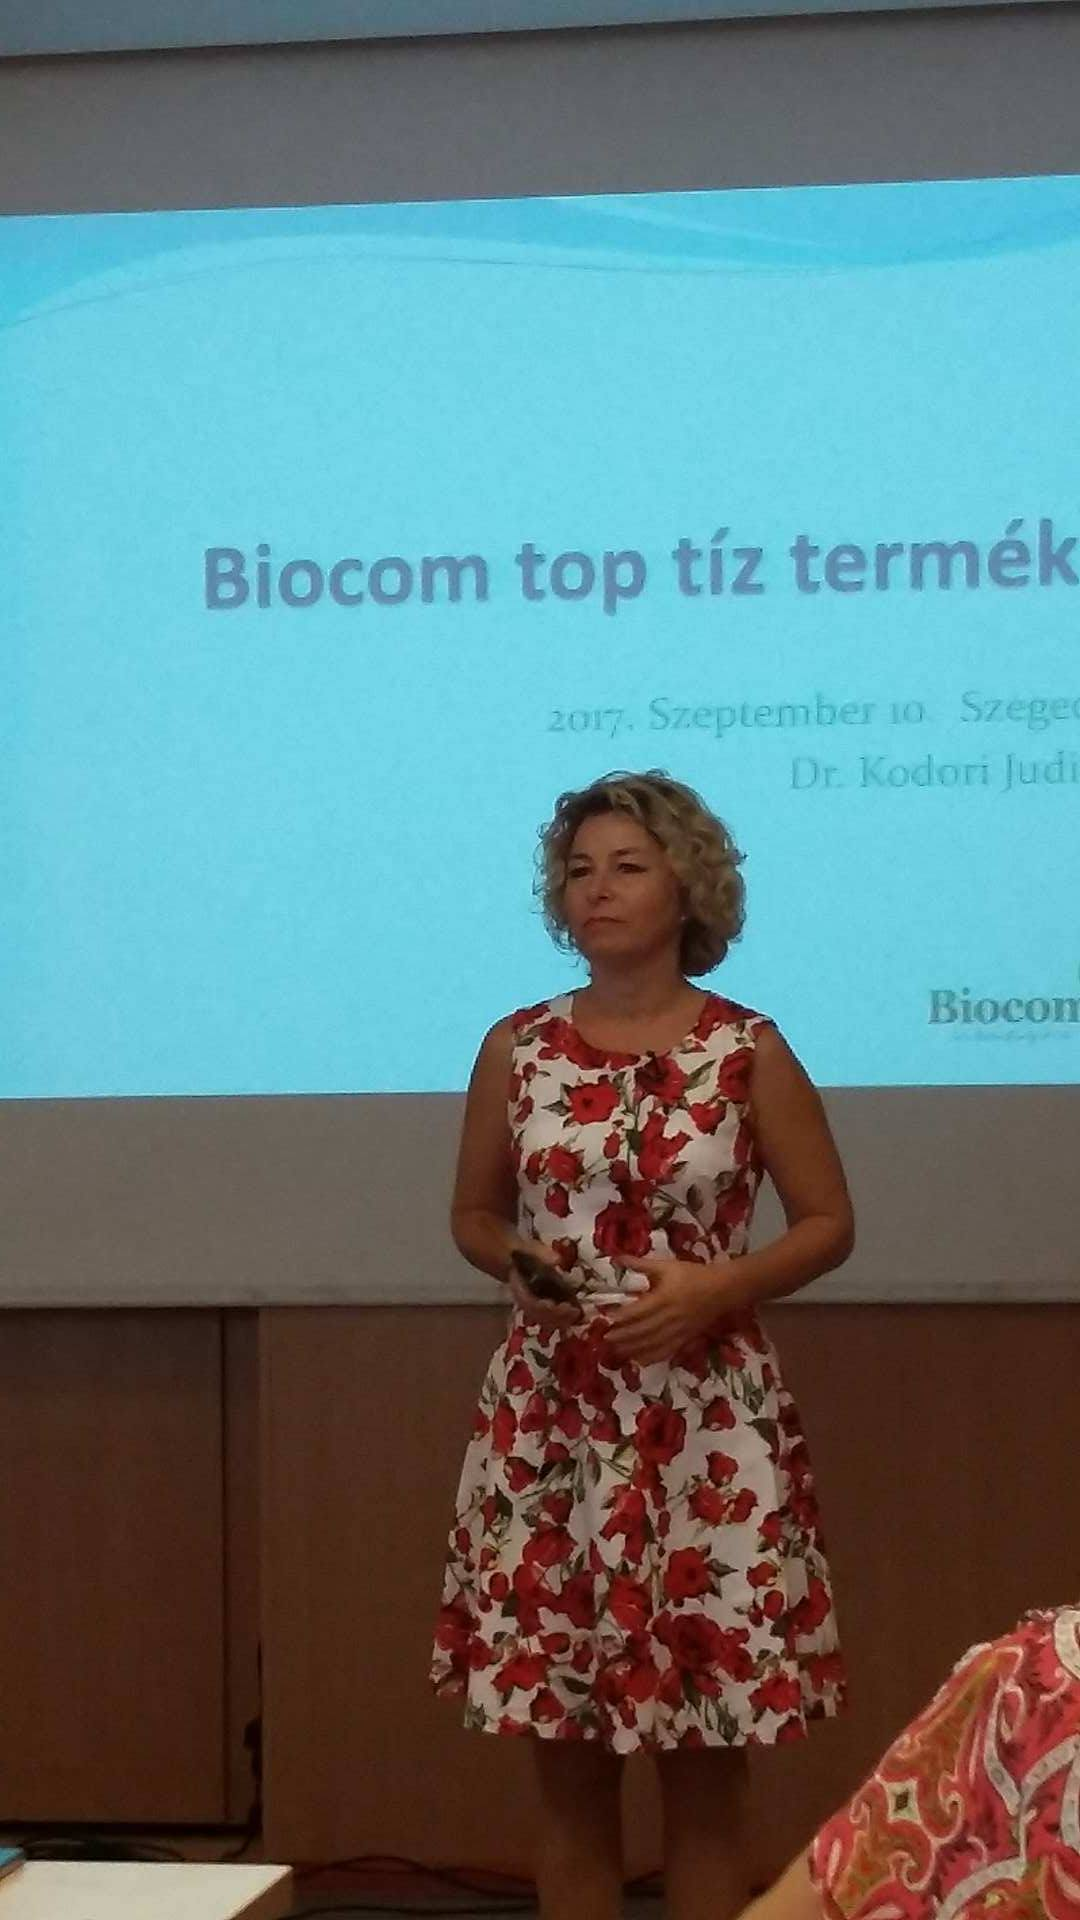 A vendégelőadó, dr. Kodori Judit a Biocom TOP 10-en keresztül világította meg a színes termékskálát